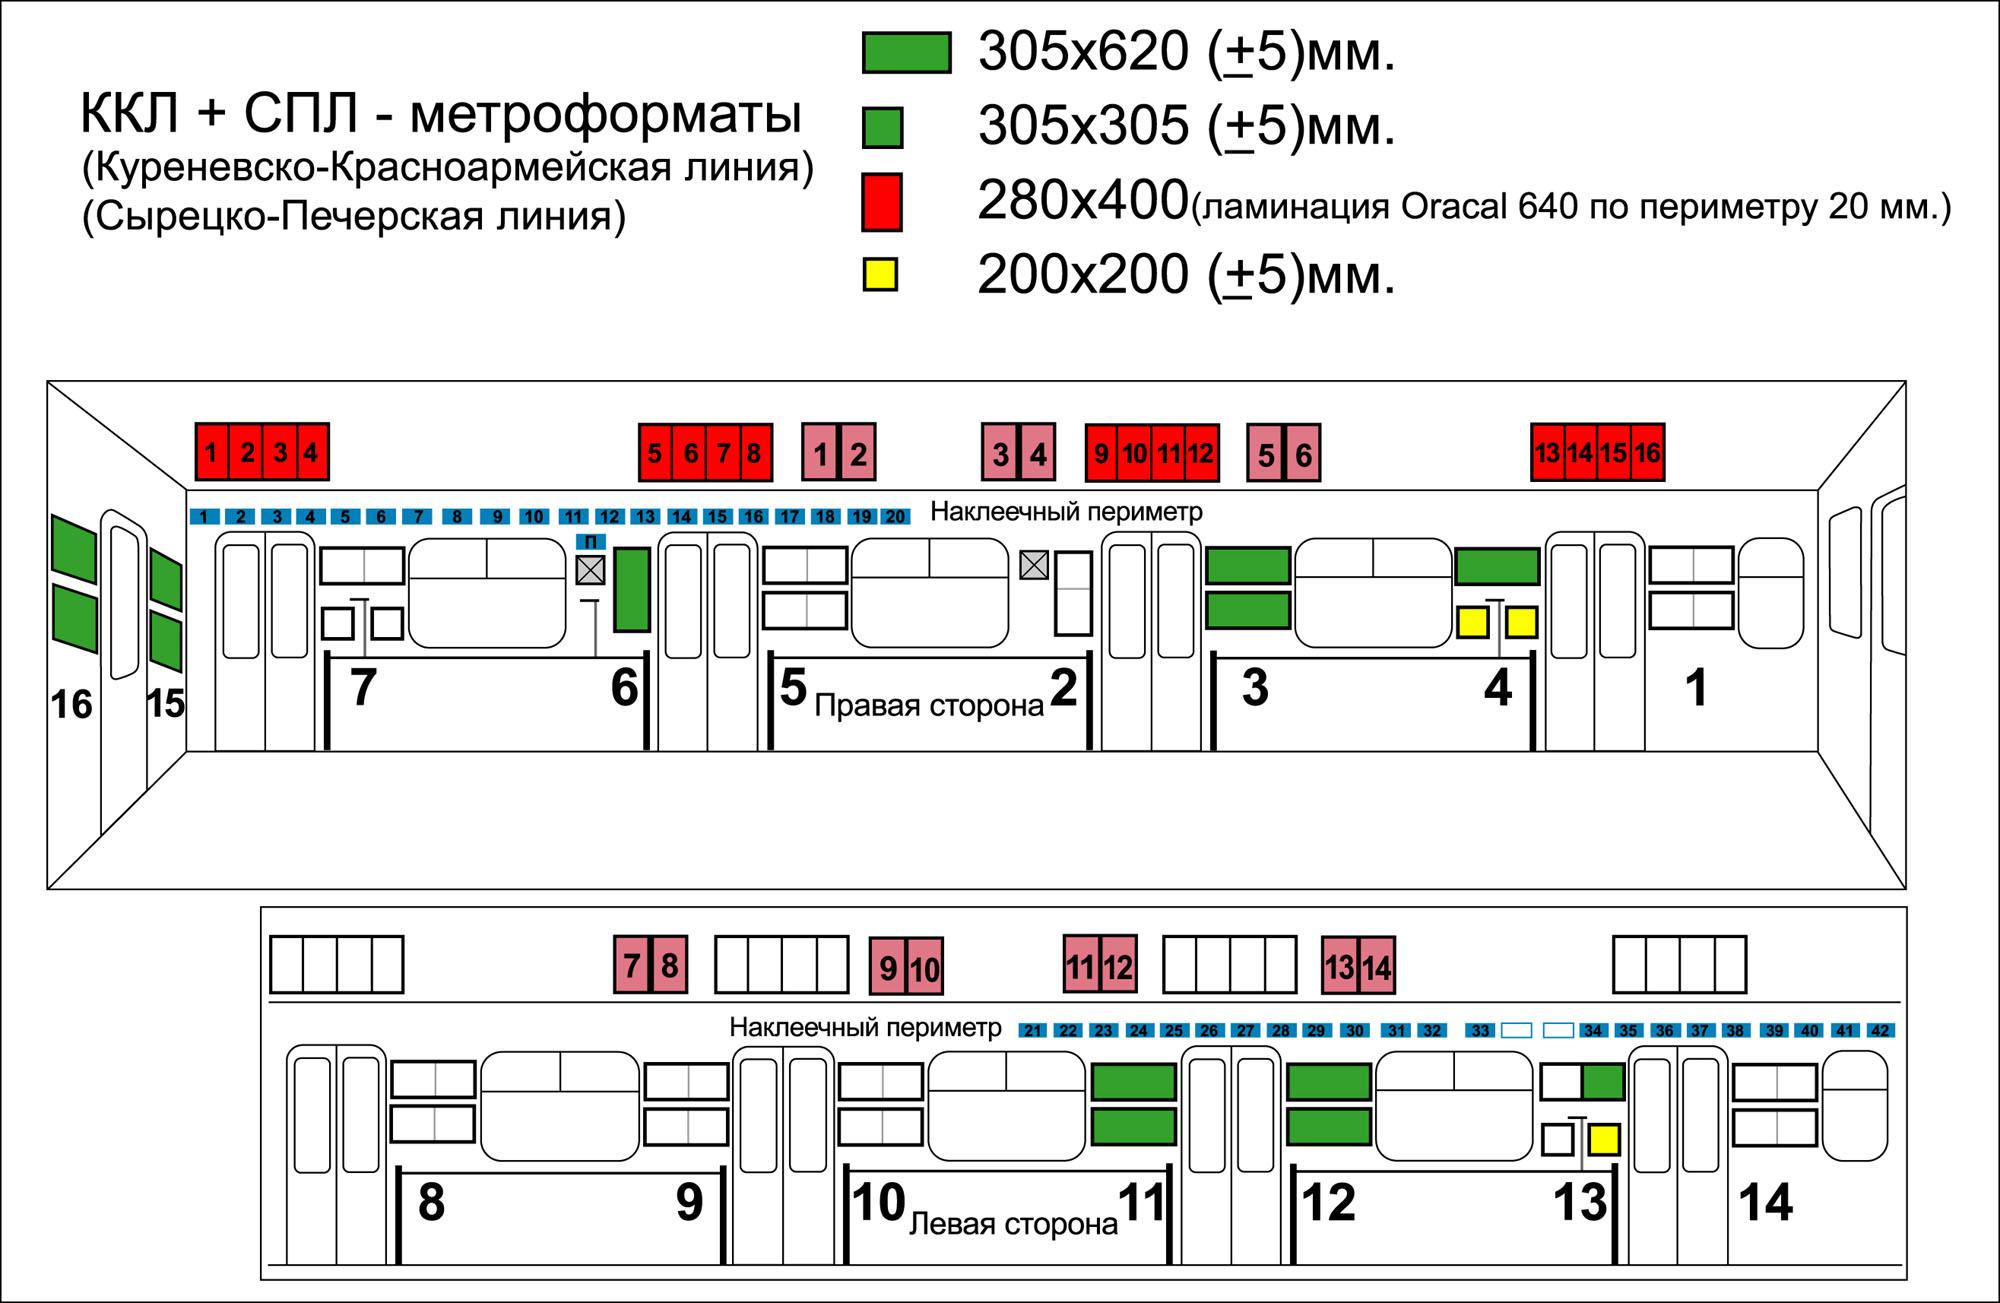 Места в плацкарте схема вагона